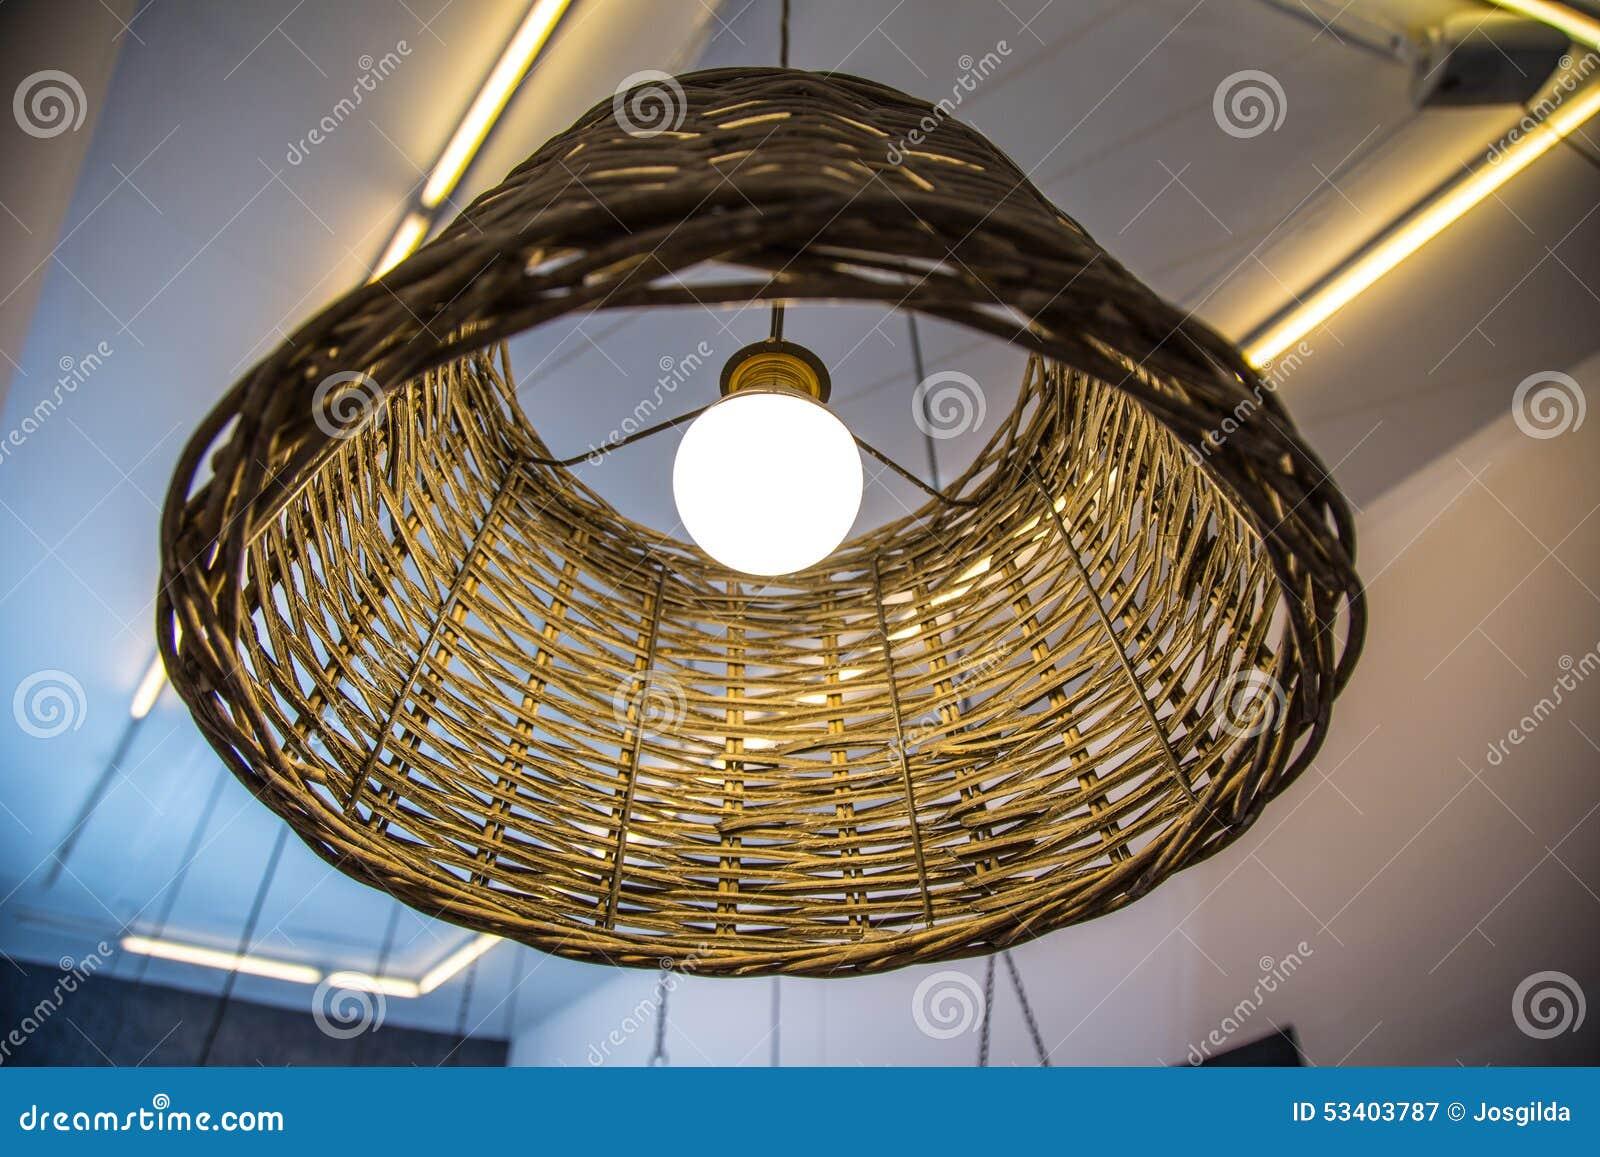 Plafoniera Vimini : Lampada di vimini immagine stock illuminazione